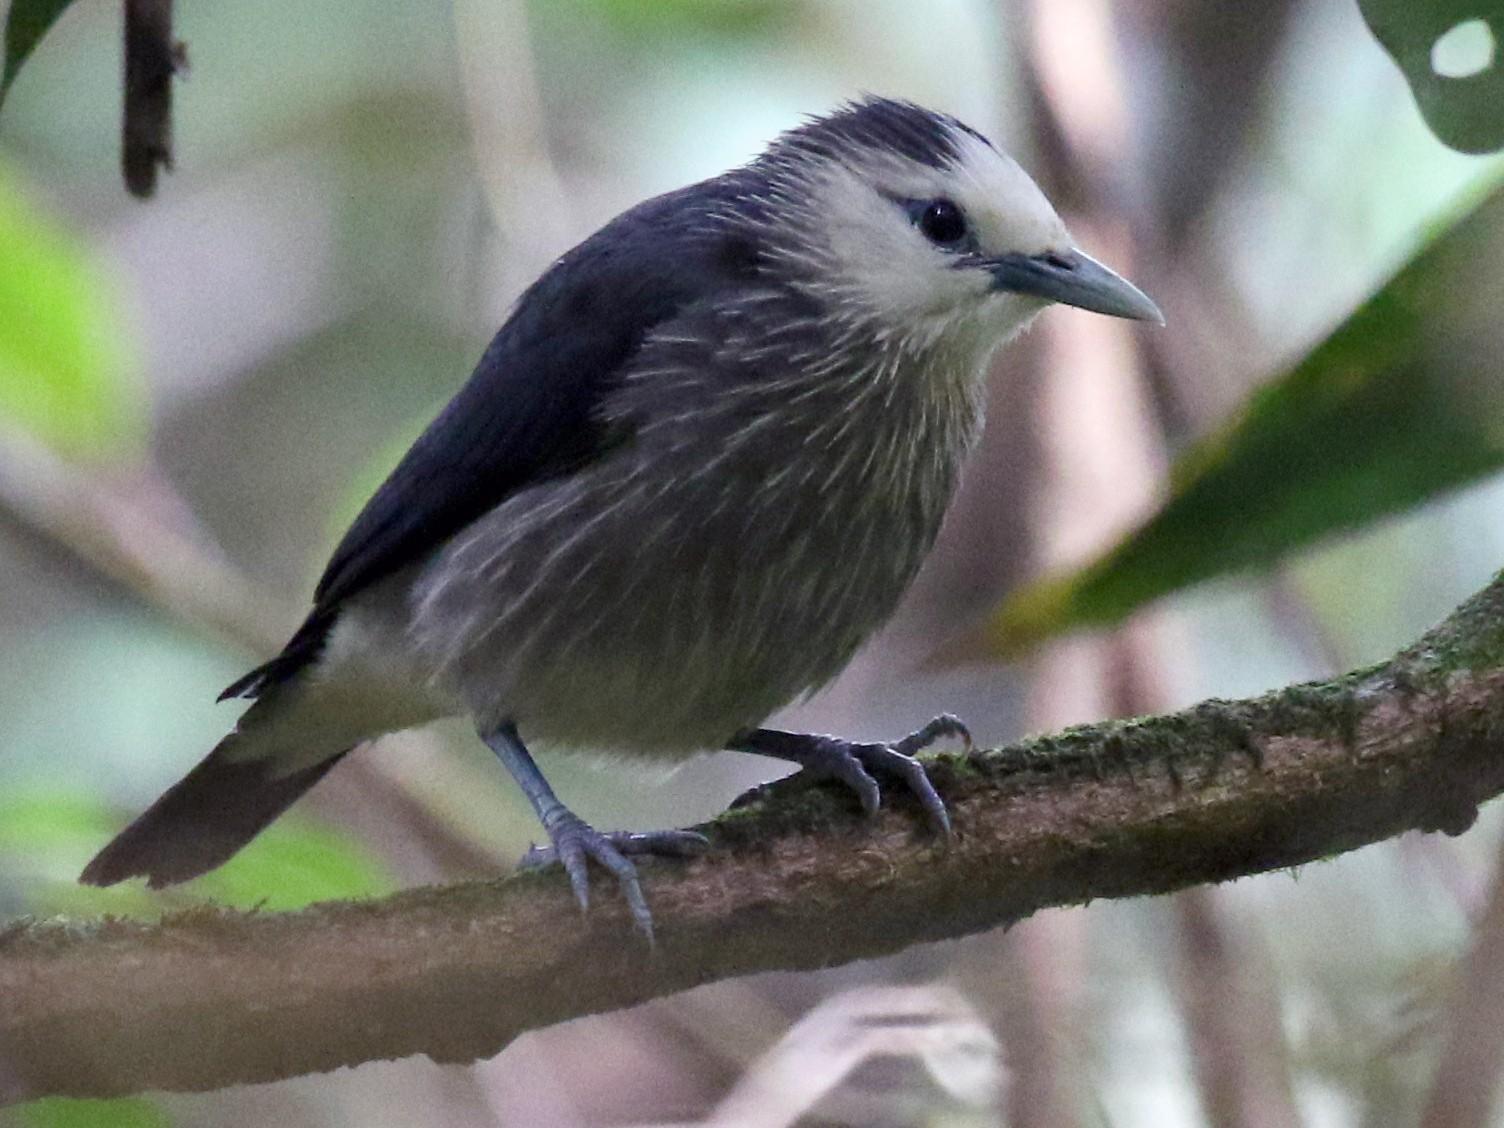 White-faced Starling - Iroshan Rupasinghe